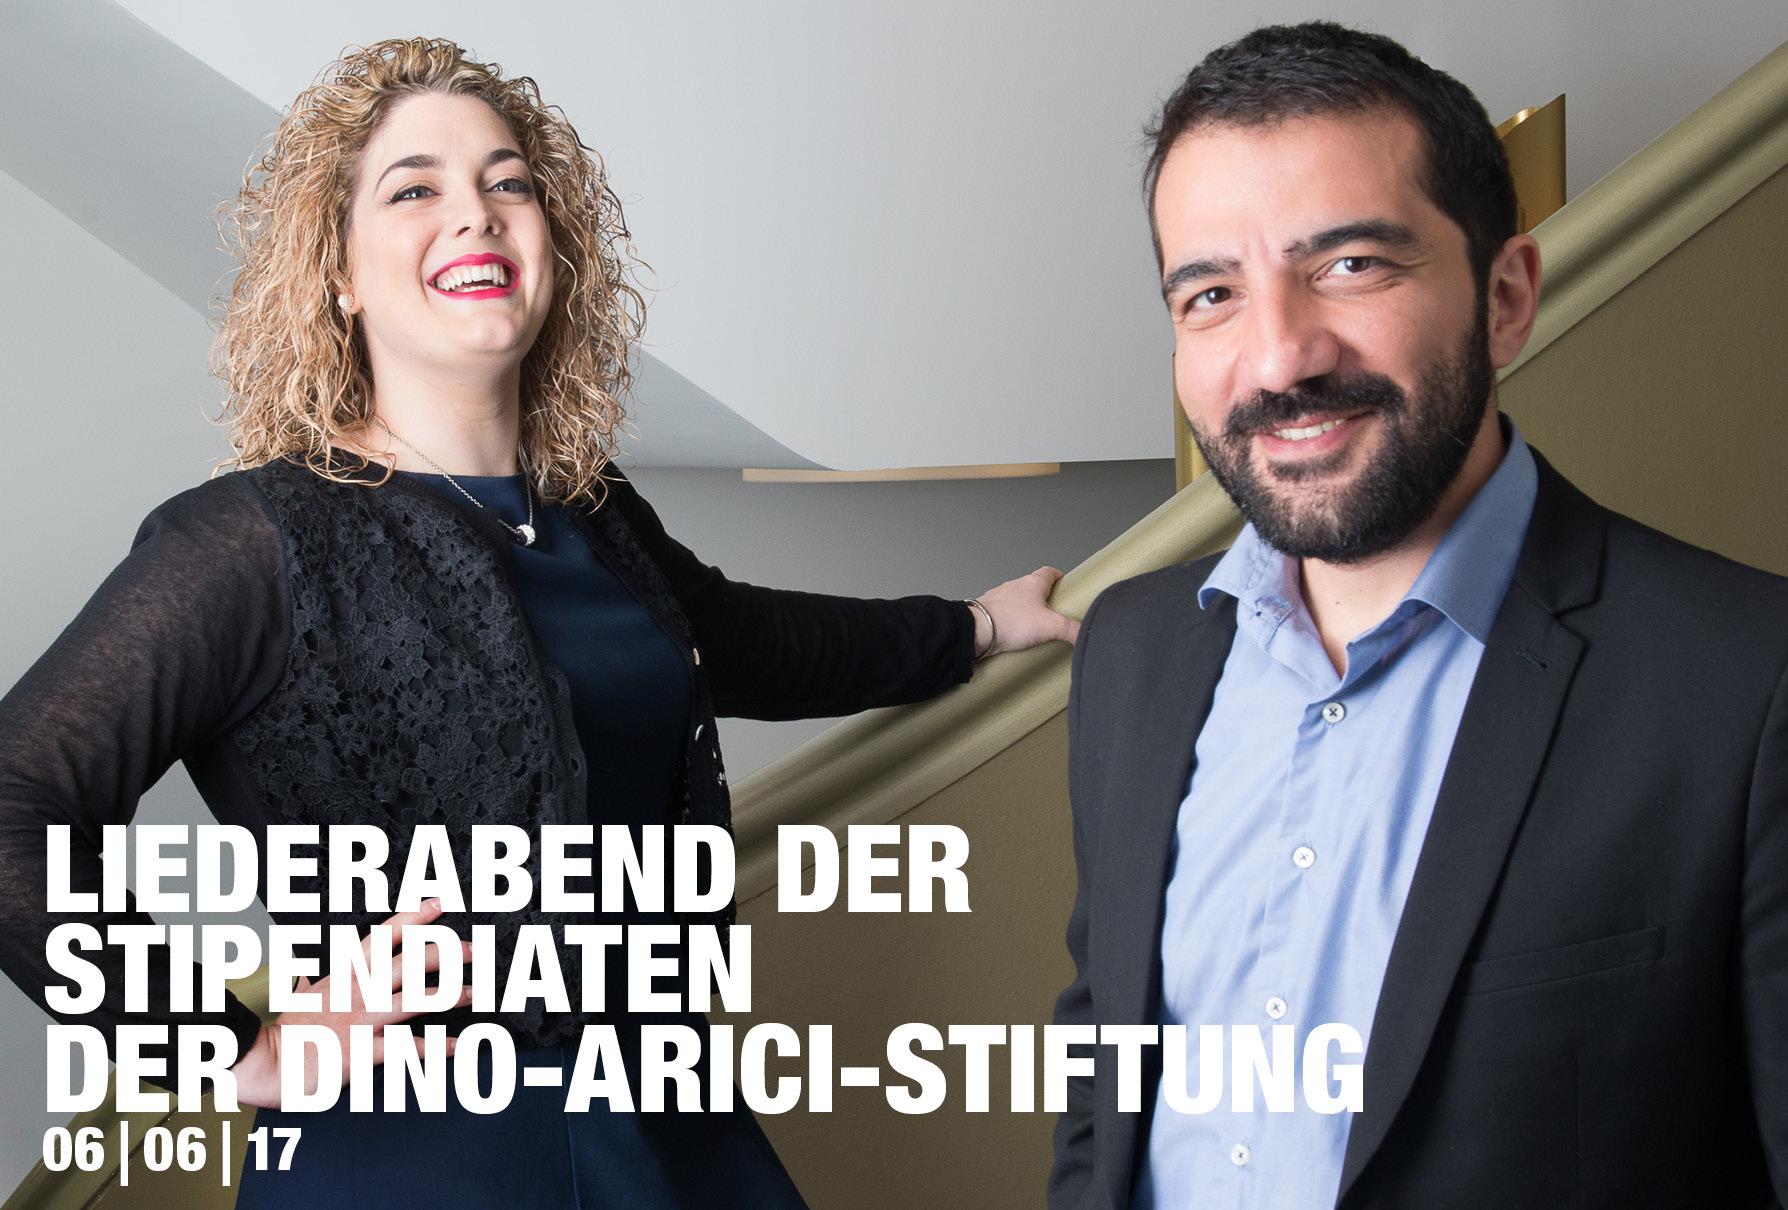 Liederabend der Stipendiaten der Dino-Arici-Stiftung